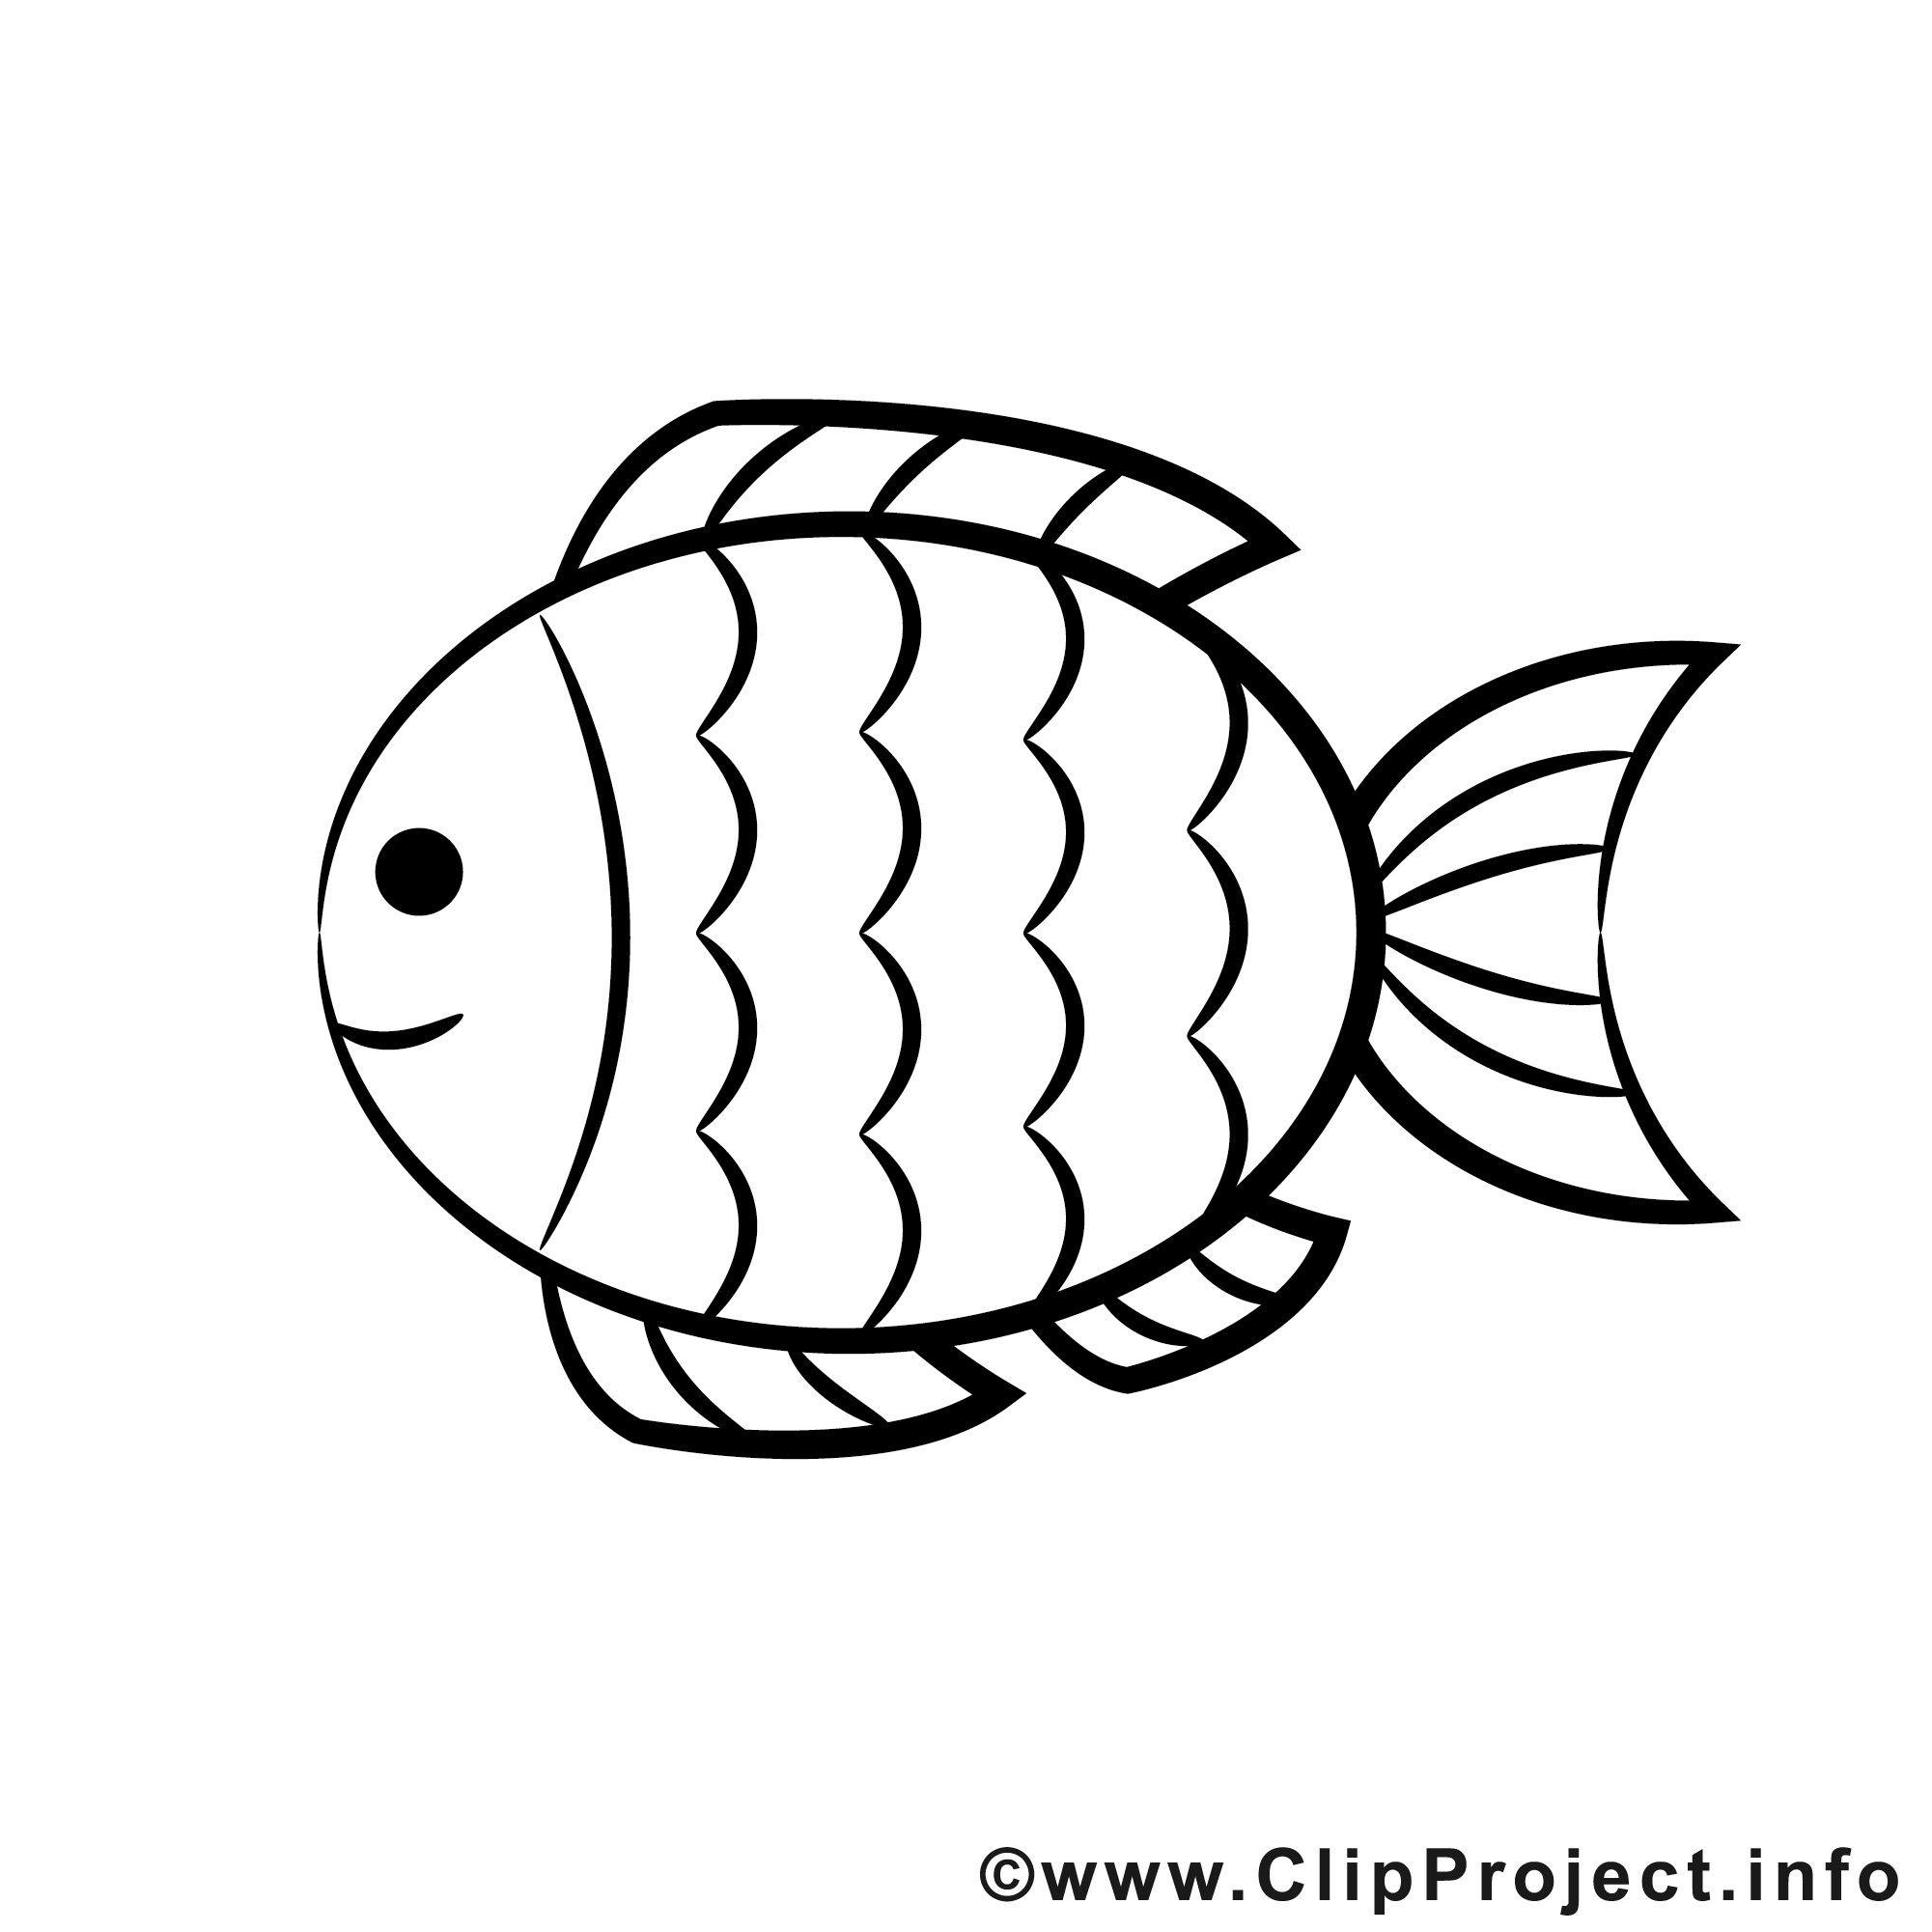 20 Ideen Fur Fisch Ausmalbilder Beste Wohnkultur Bastelideen Coloring Und Frisur Inspiration Malvorlage Fisch Fisch Vorlage Malvorlagen